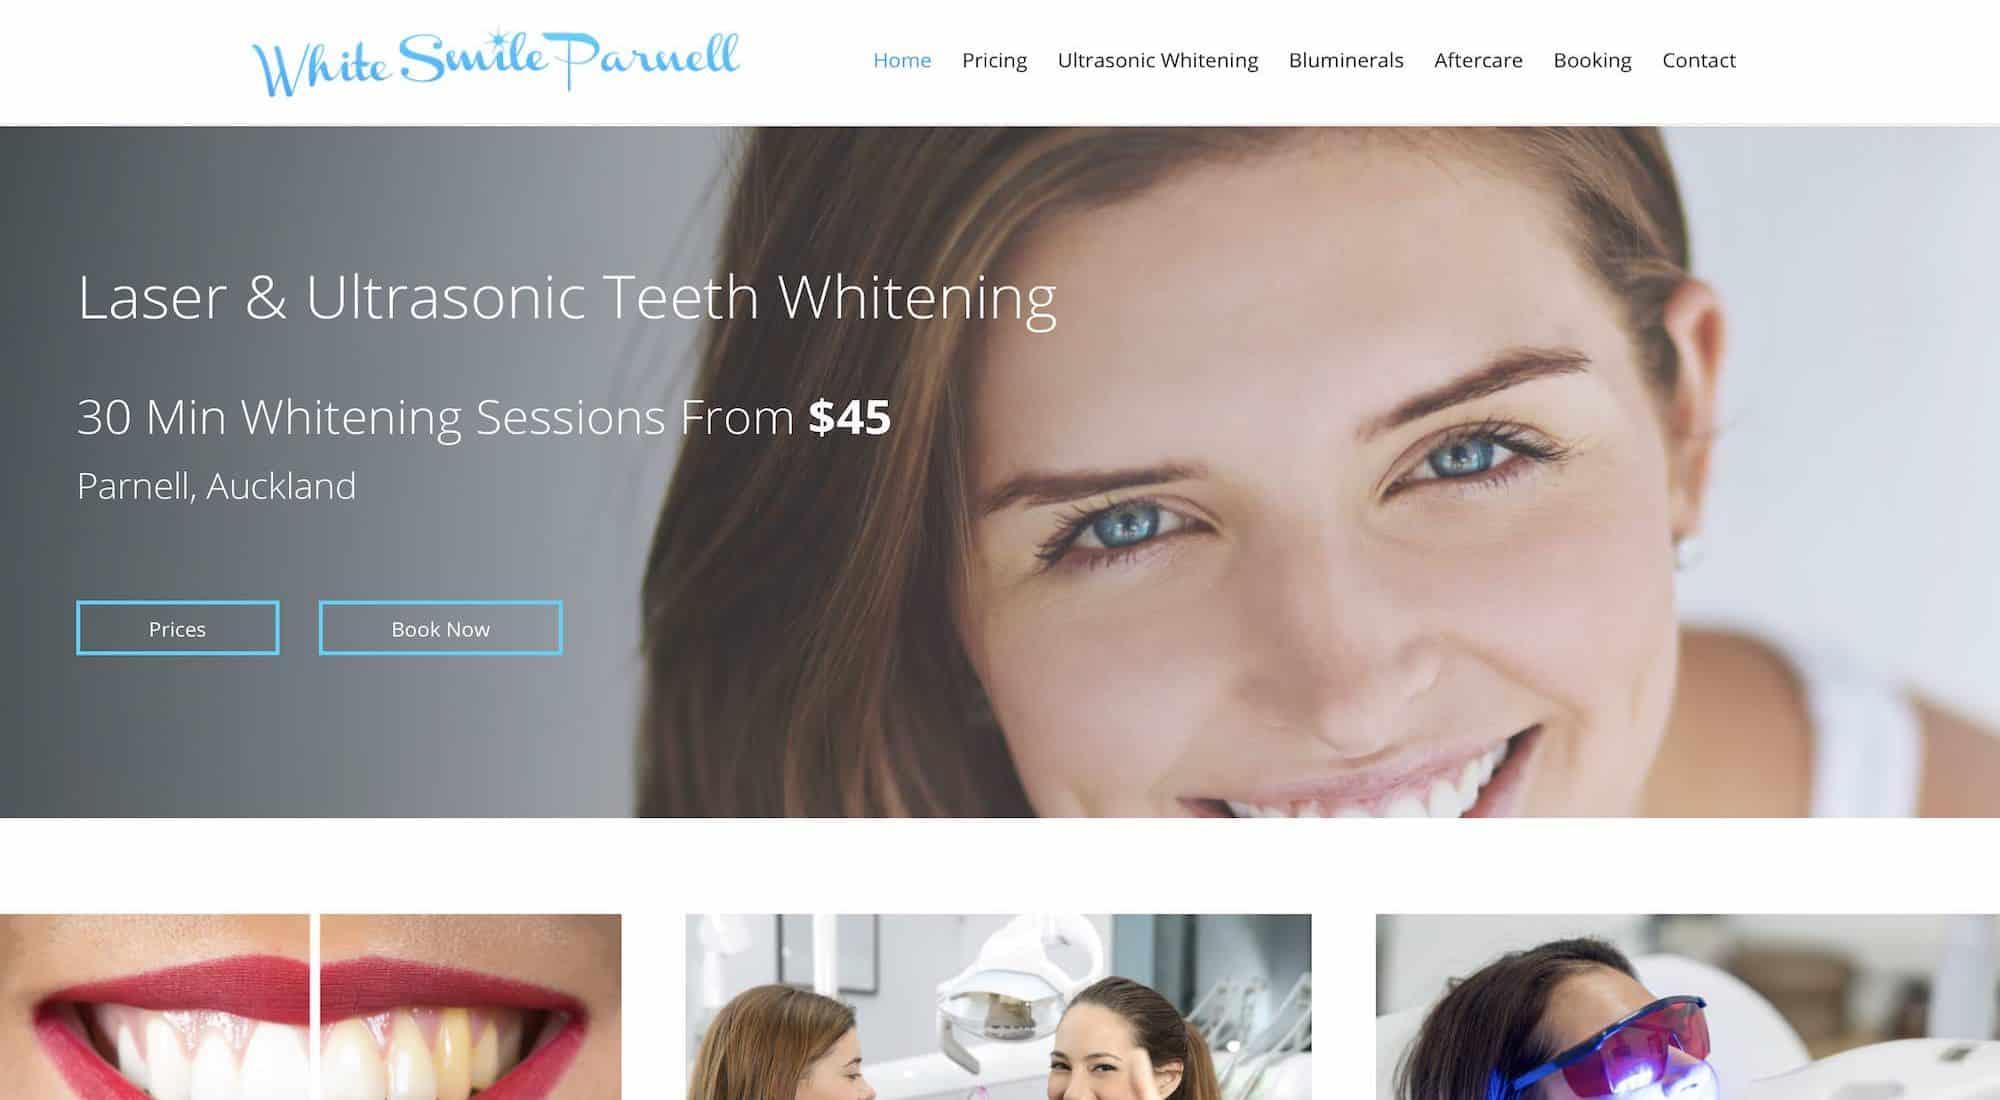 White Smile Parnell